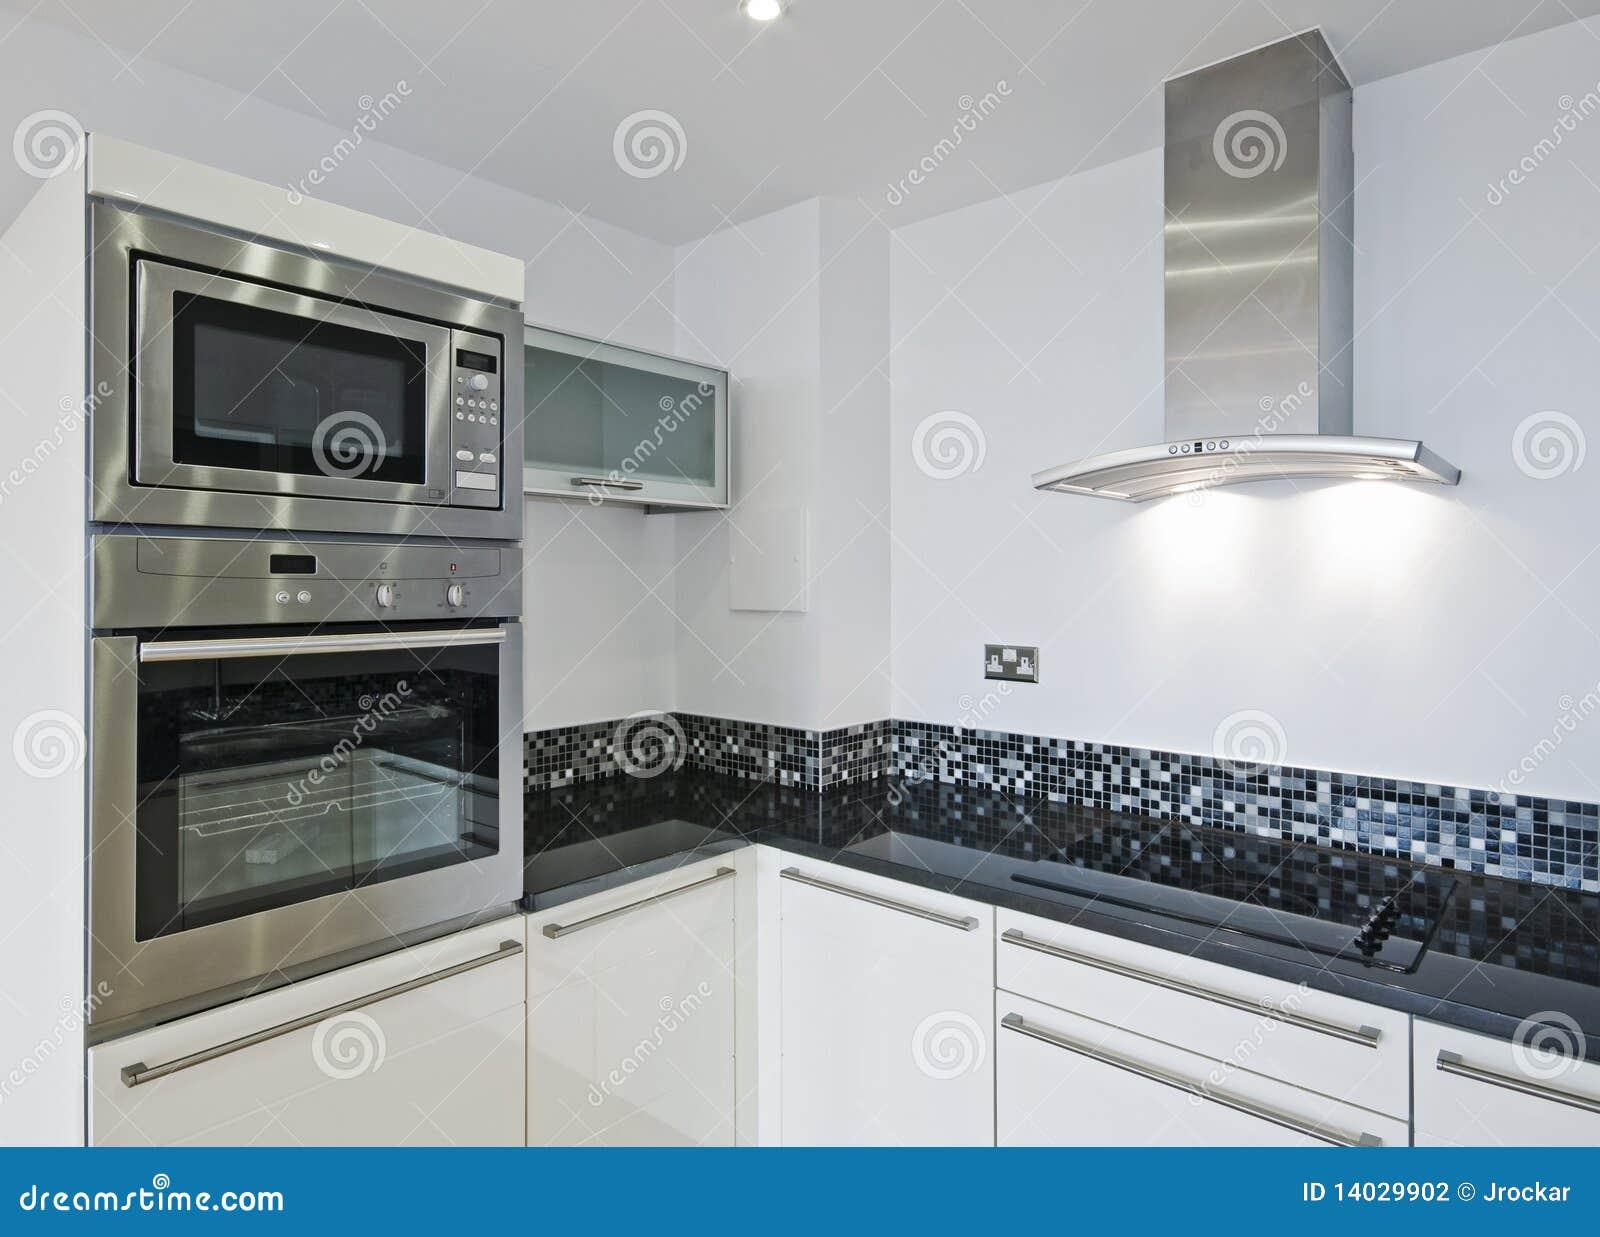 mosaico cucina moderna : Cucina moderna del progettista con le mattonelle di pietra del worktop ...